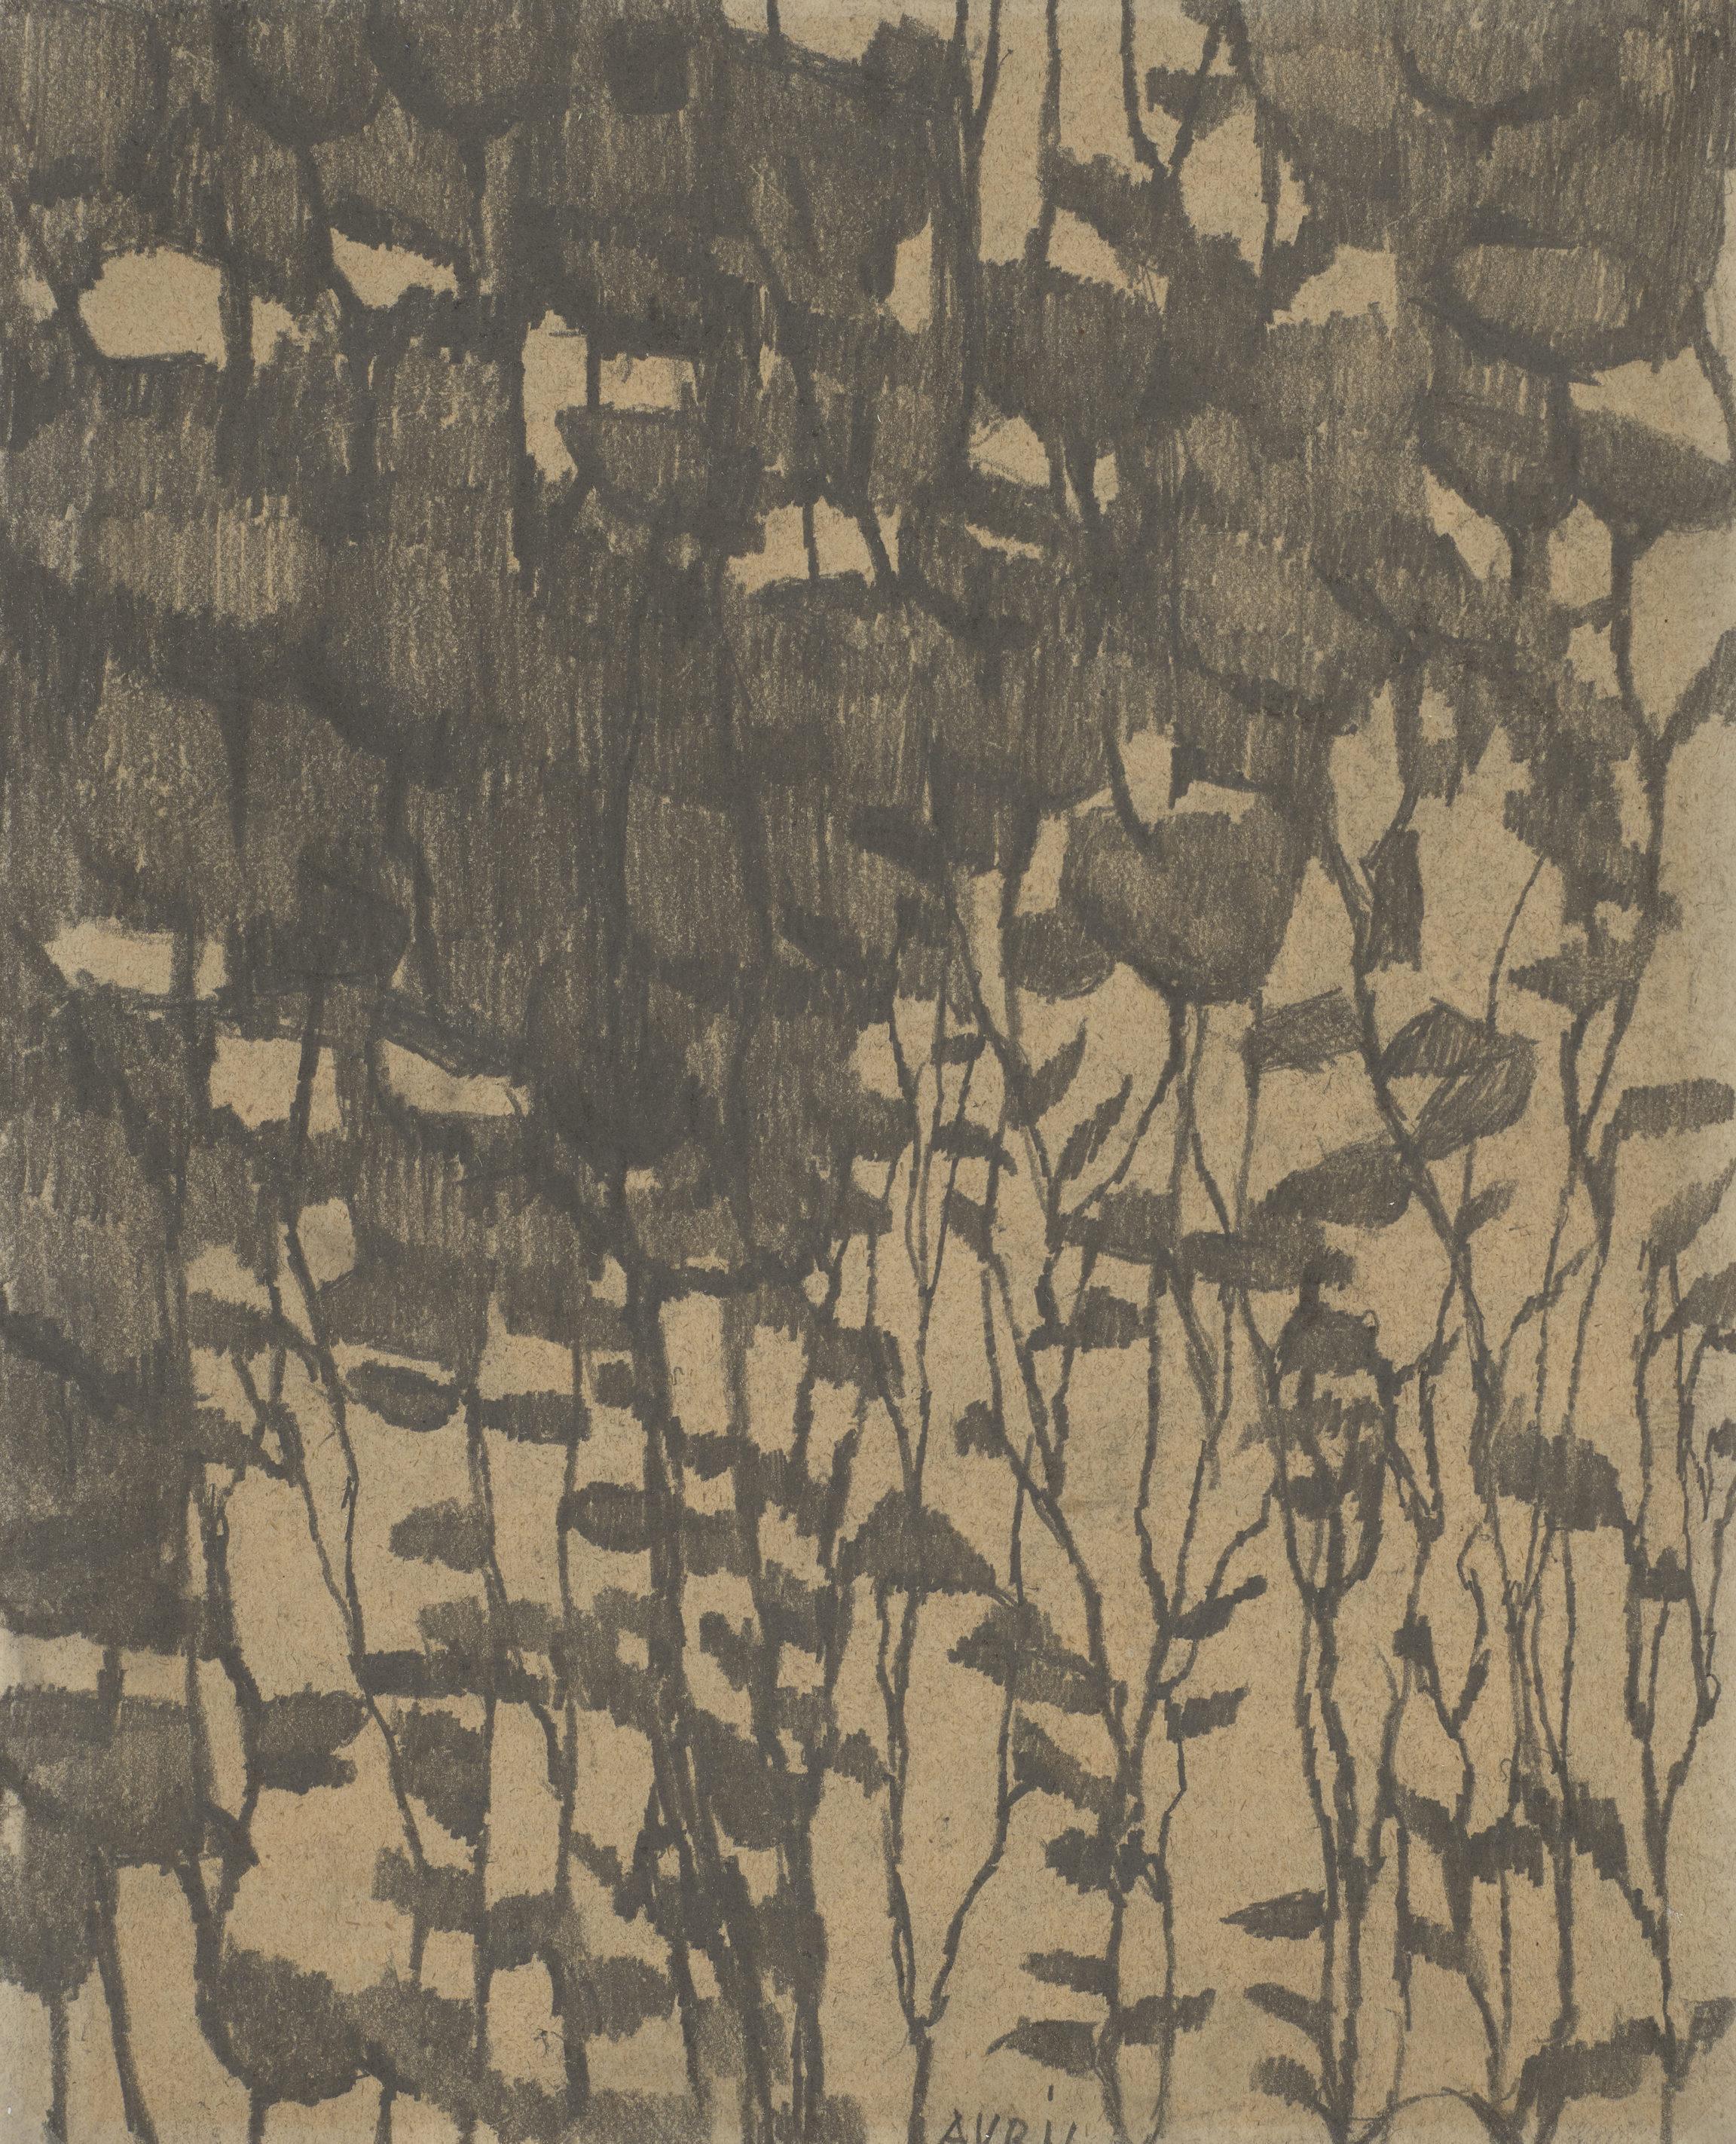 Louis Soutter, Avril, entre 1923 et 1930